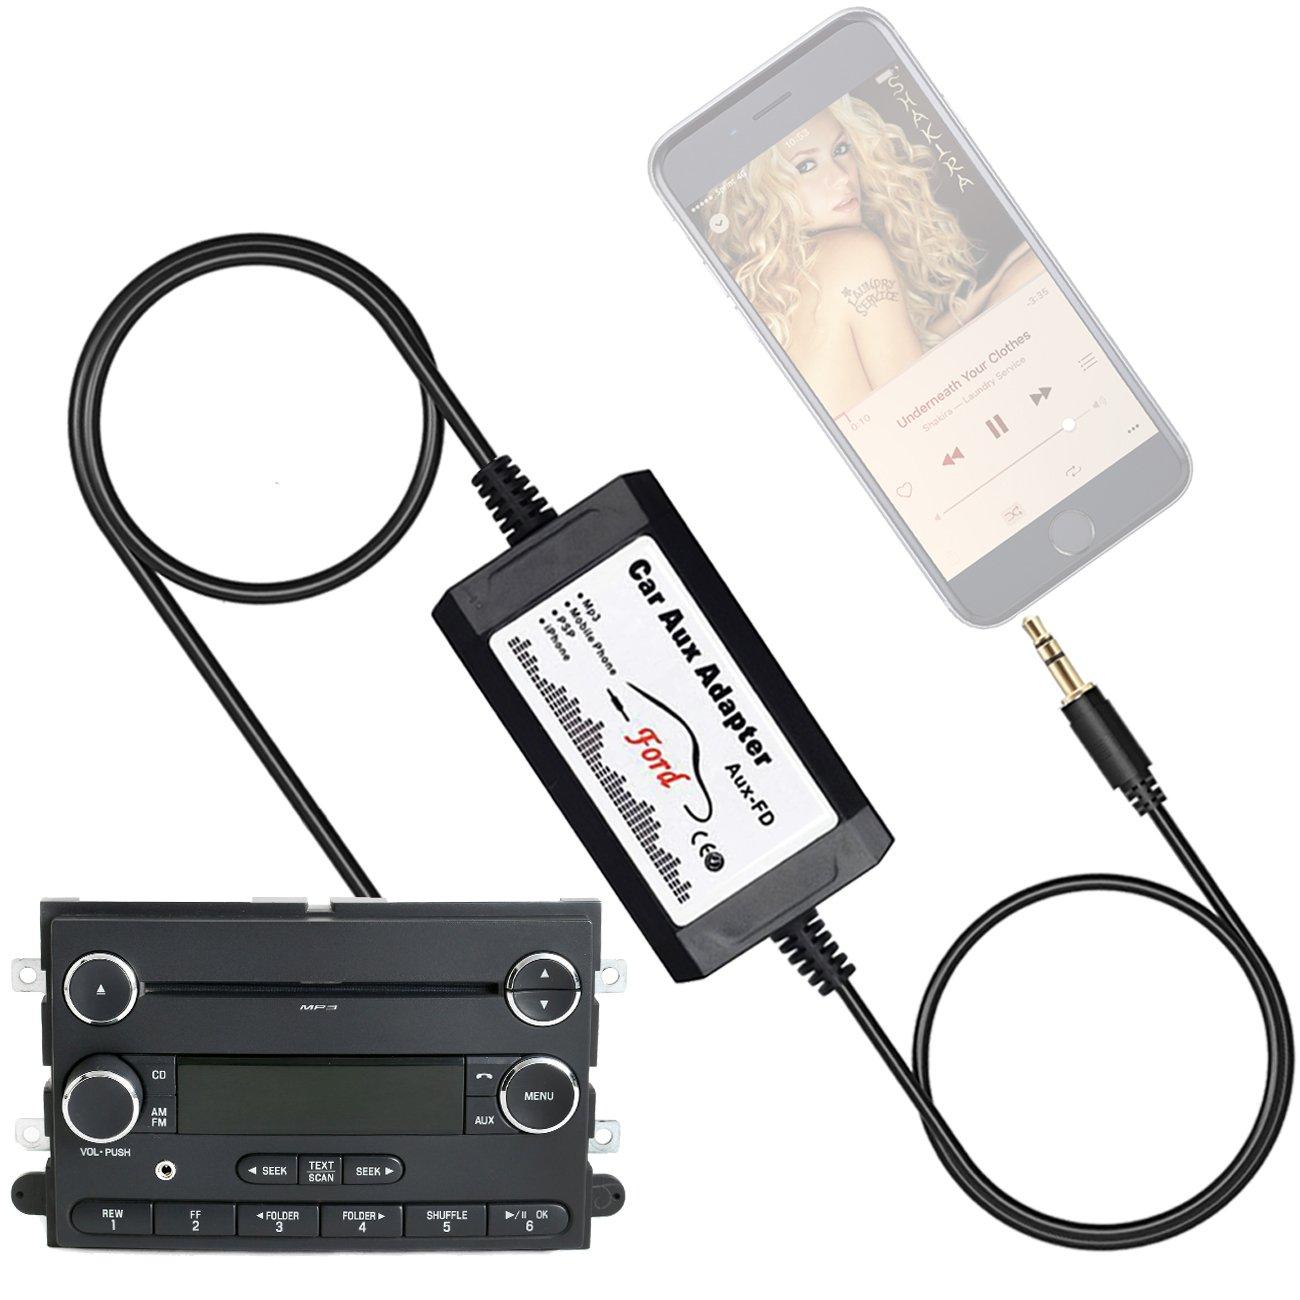 Epiphone Nighthawk Wiring Diagram on epiphone firebird studio wiring, gibson nighthawk wiring, epiphone les paul special wiring, epiphone sg special wiring,